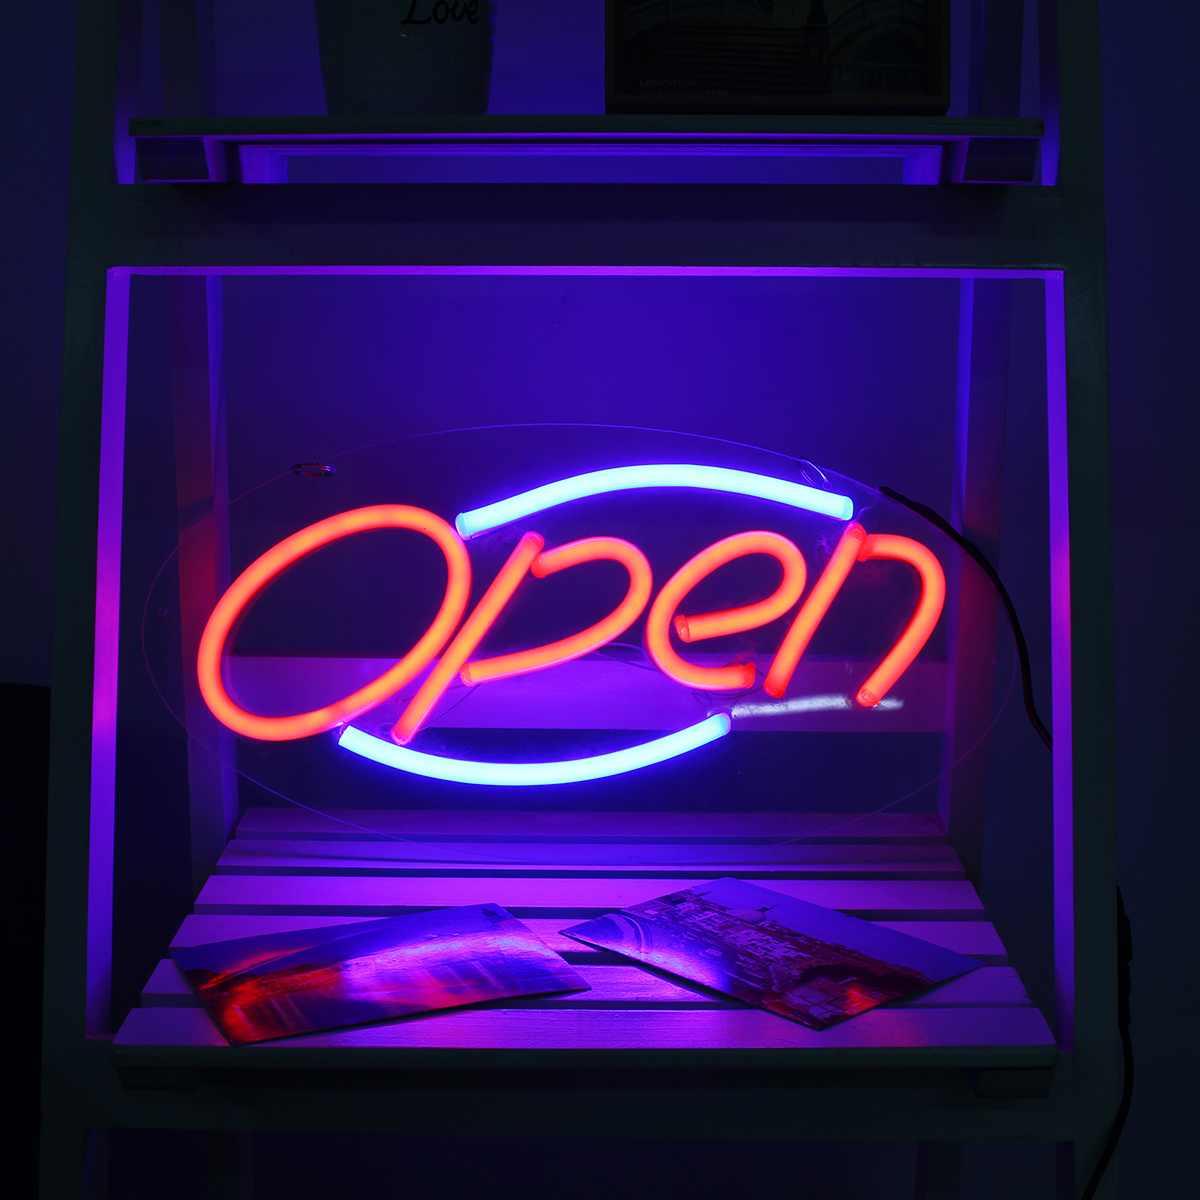 Enseigne au néon ouverte barre lumineuse Pub Club Studio mur affichage LED Tube lampe de nuit illustration visuelle éclairage néon Tubes panneau décoration